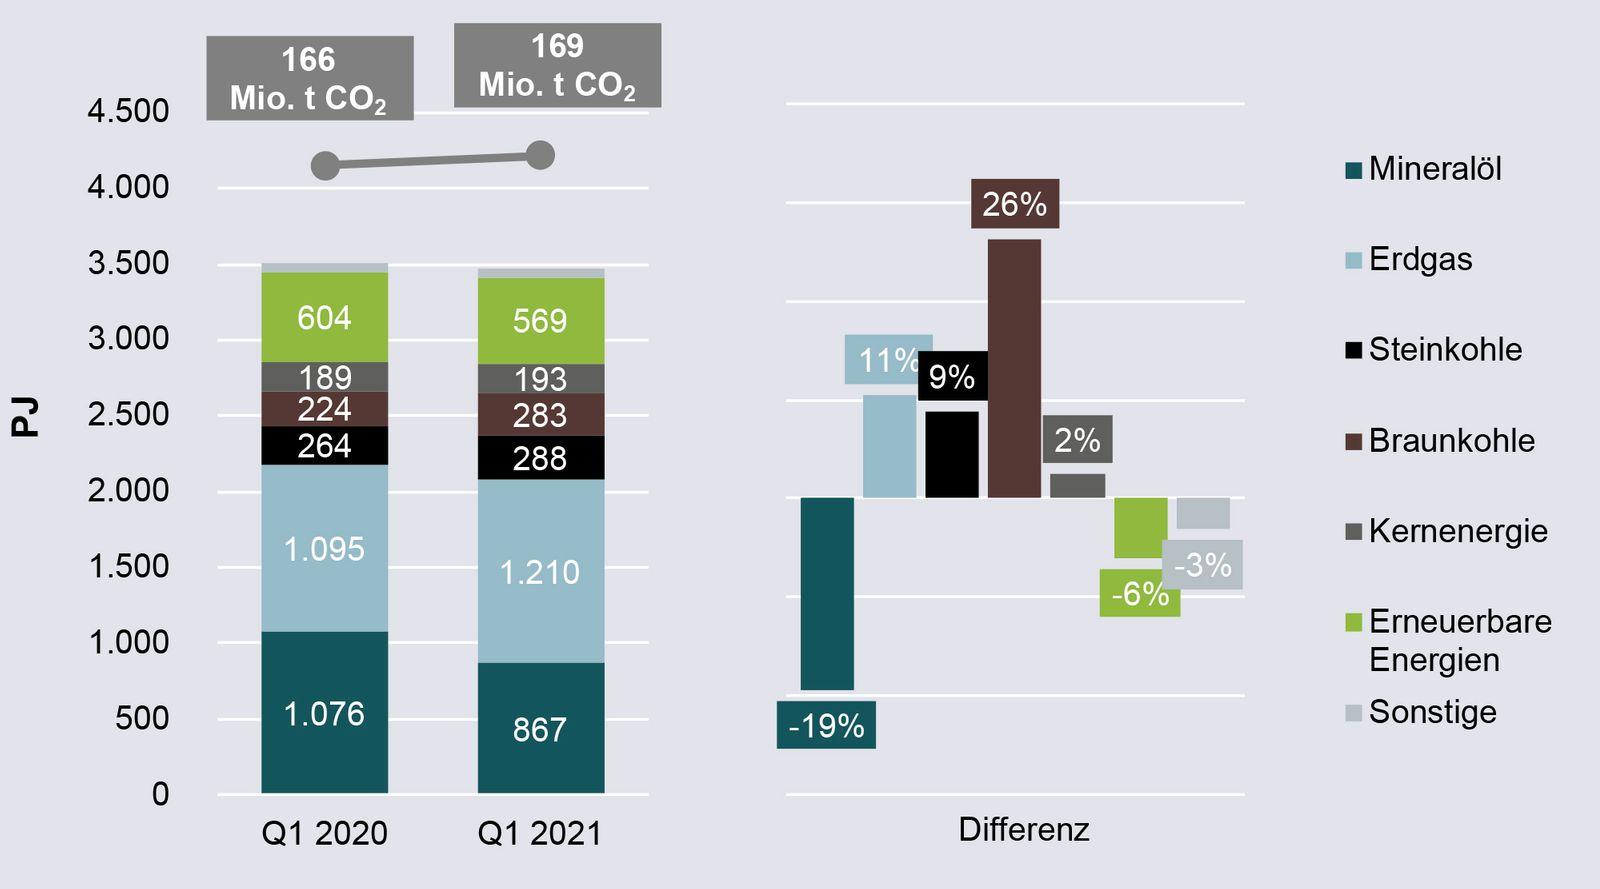 Primärenergieverbrauch und CO2-Emissionen